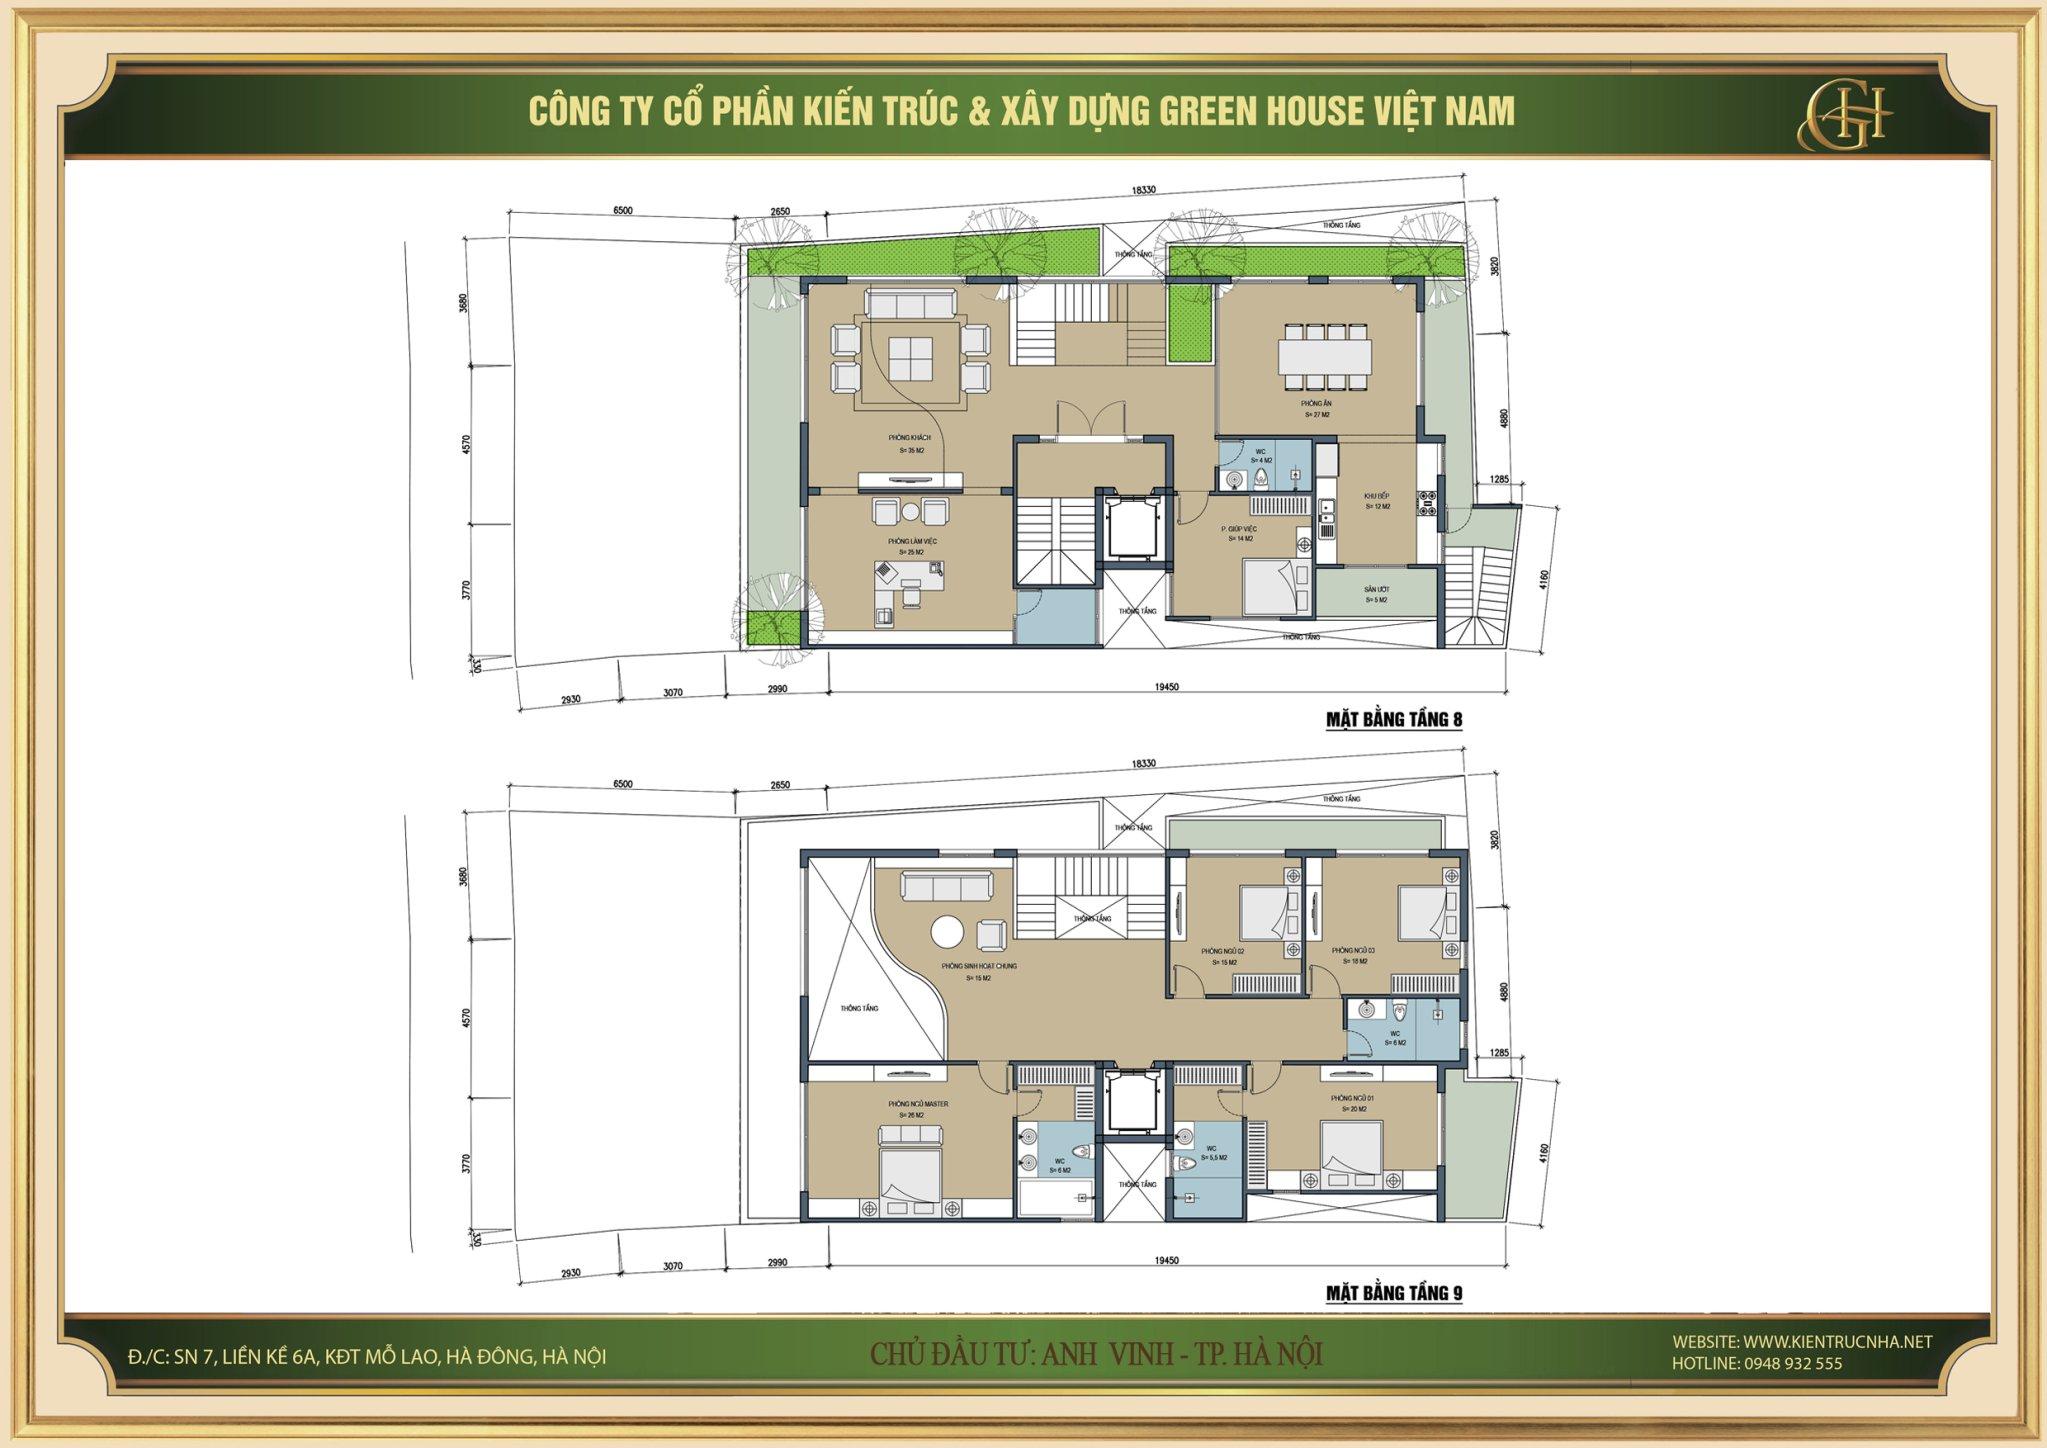 Thiết kế mặt bằng tầng 8,9 của căn hộ cho thuê 9 tầng tại Hà Nội